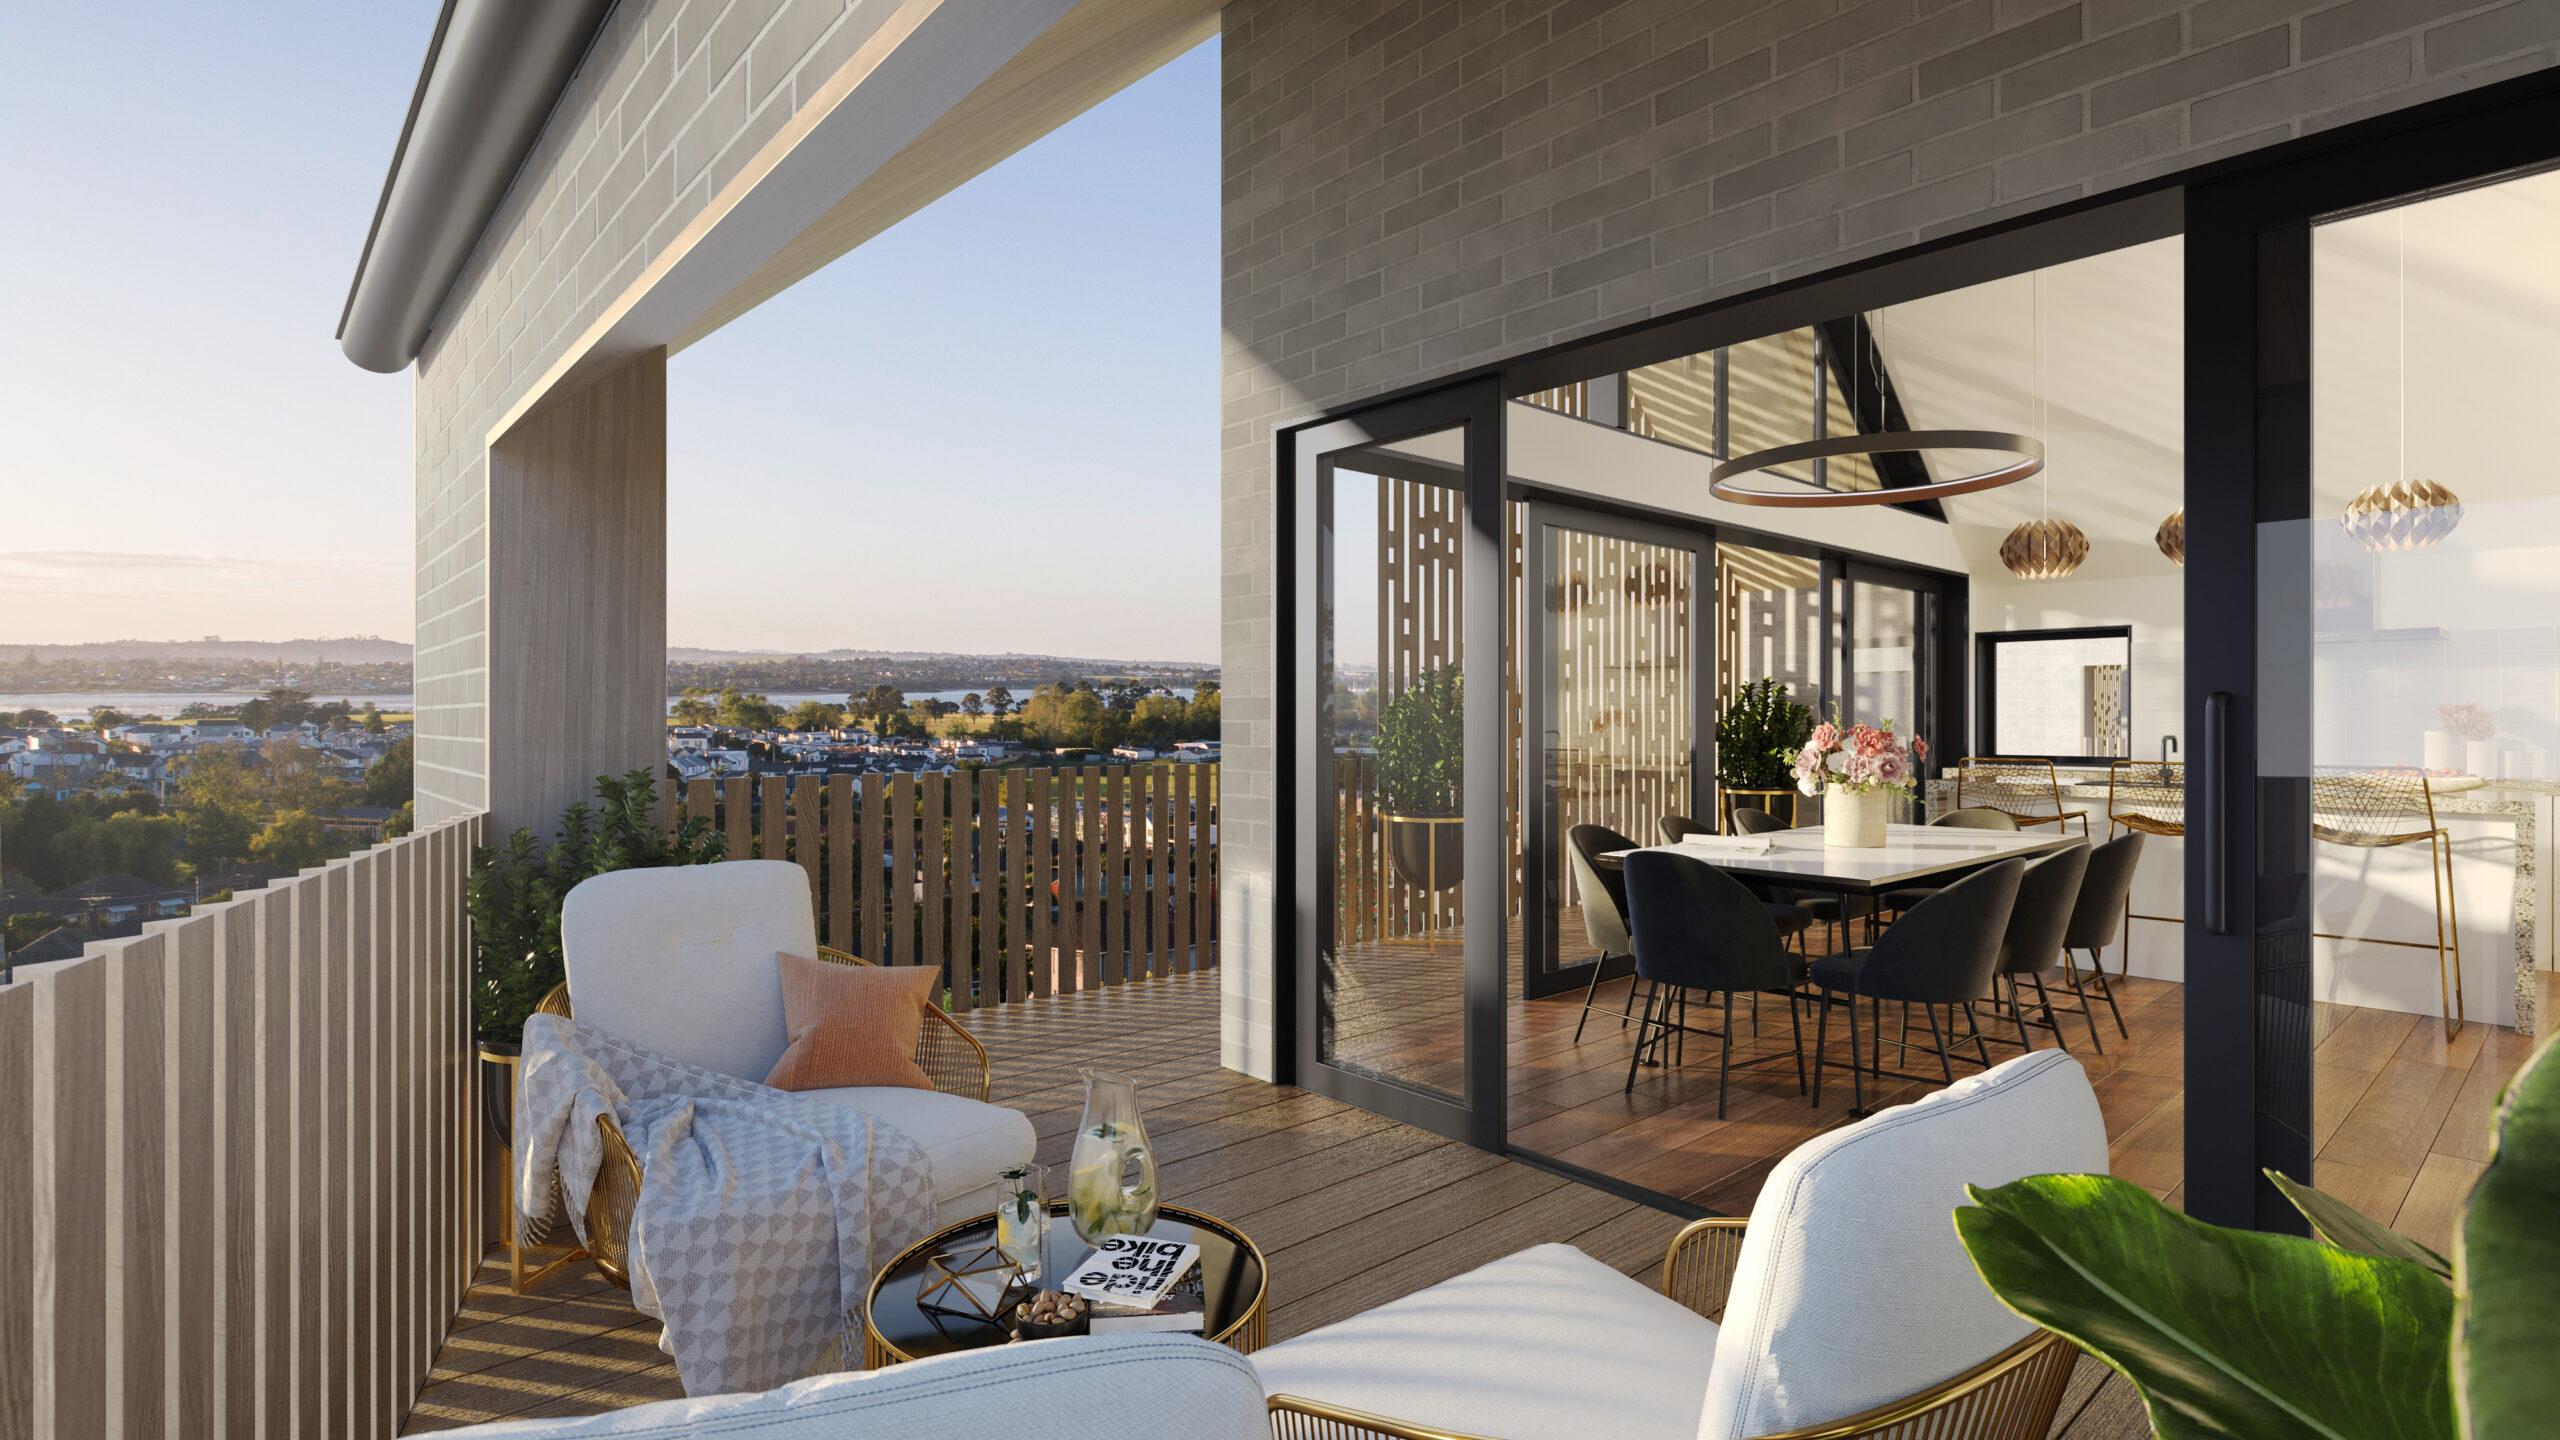 Overlea North Balcony 3D Render